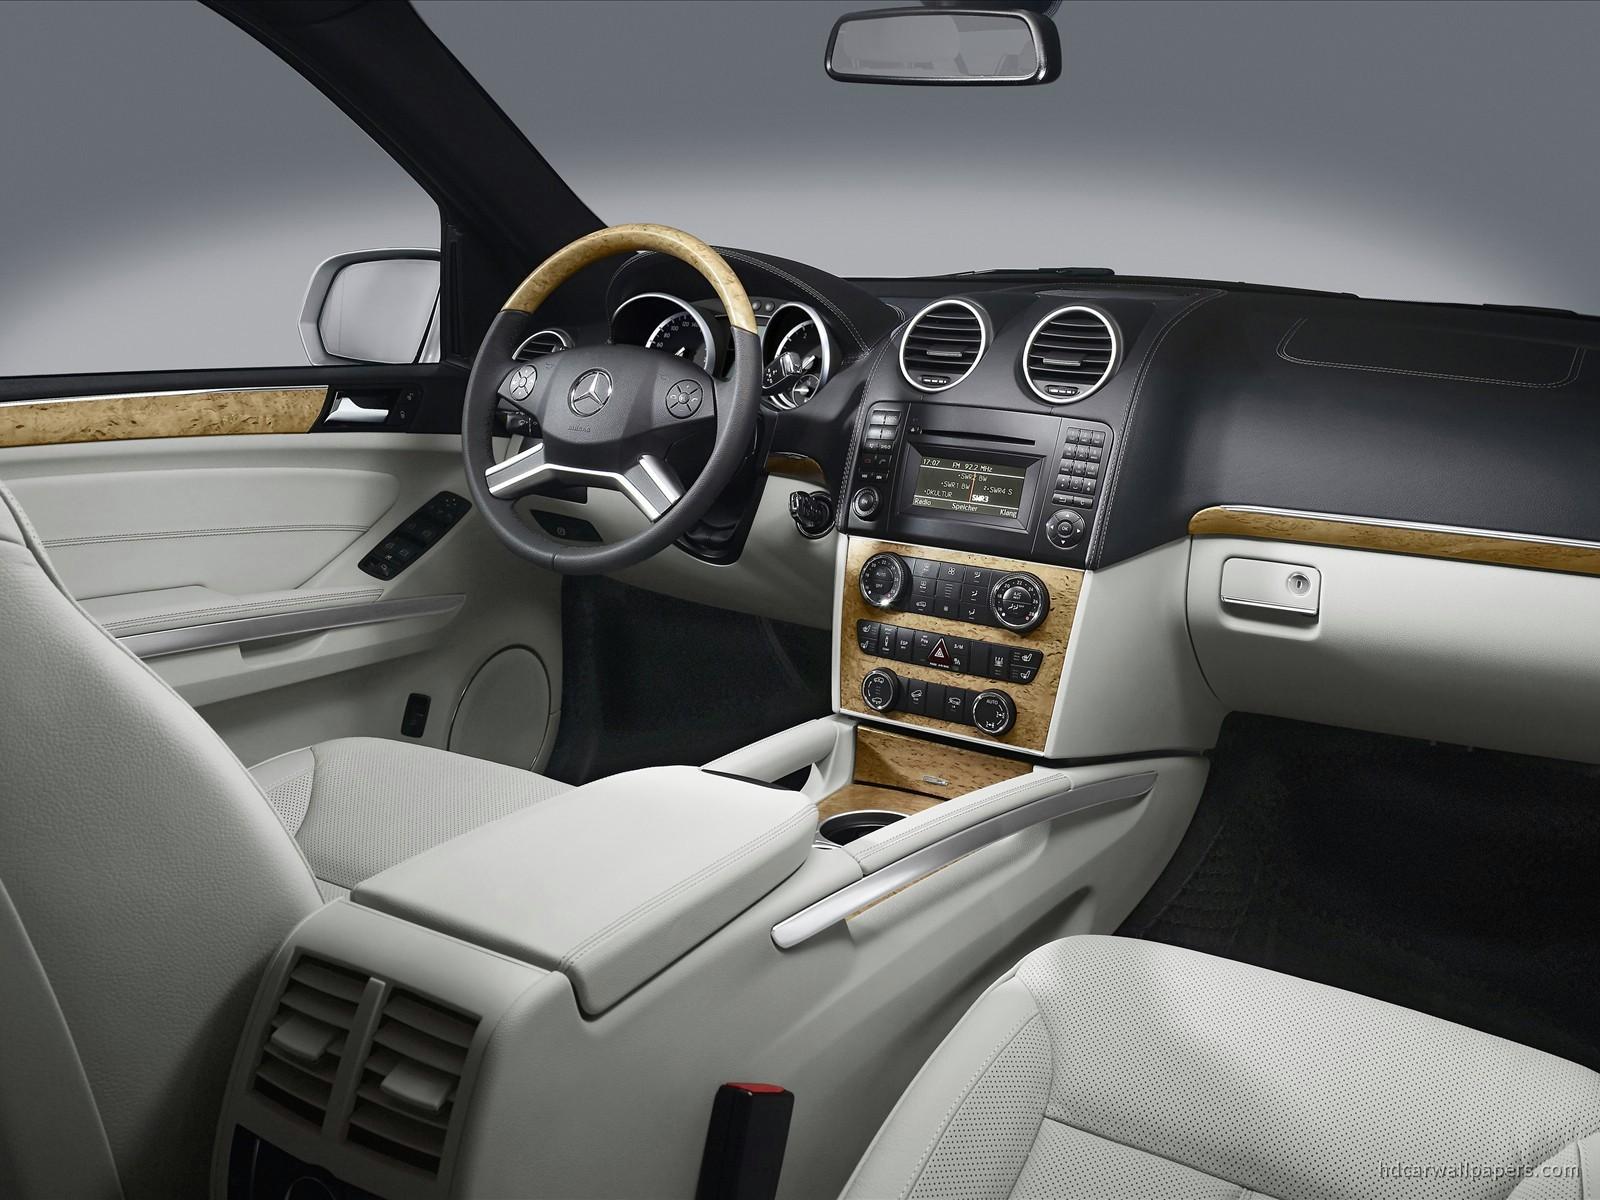 2009 Mercedes Benz SUV Interior Wallpaper   HD Car ...